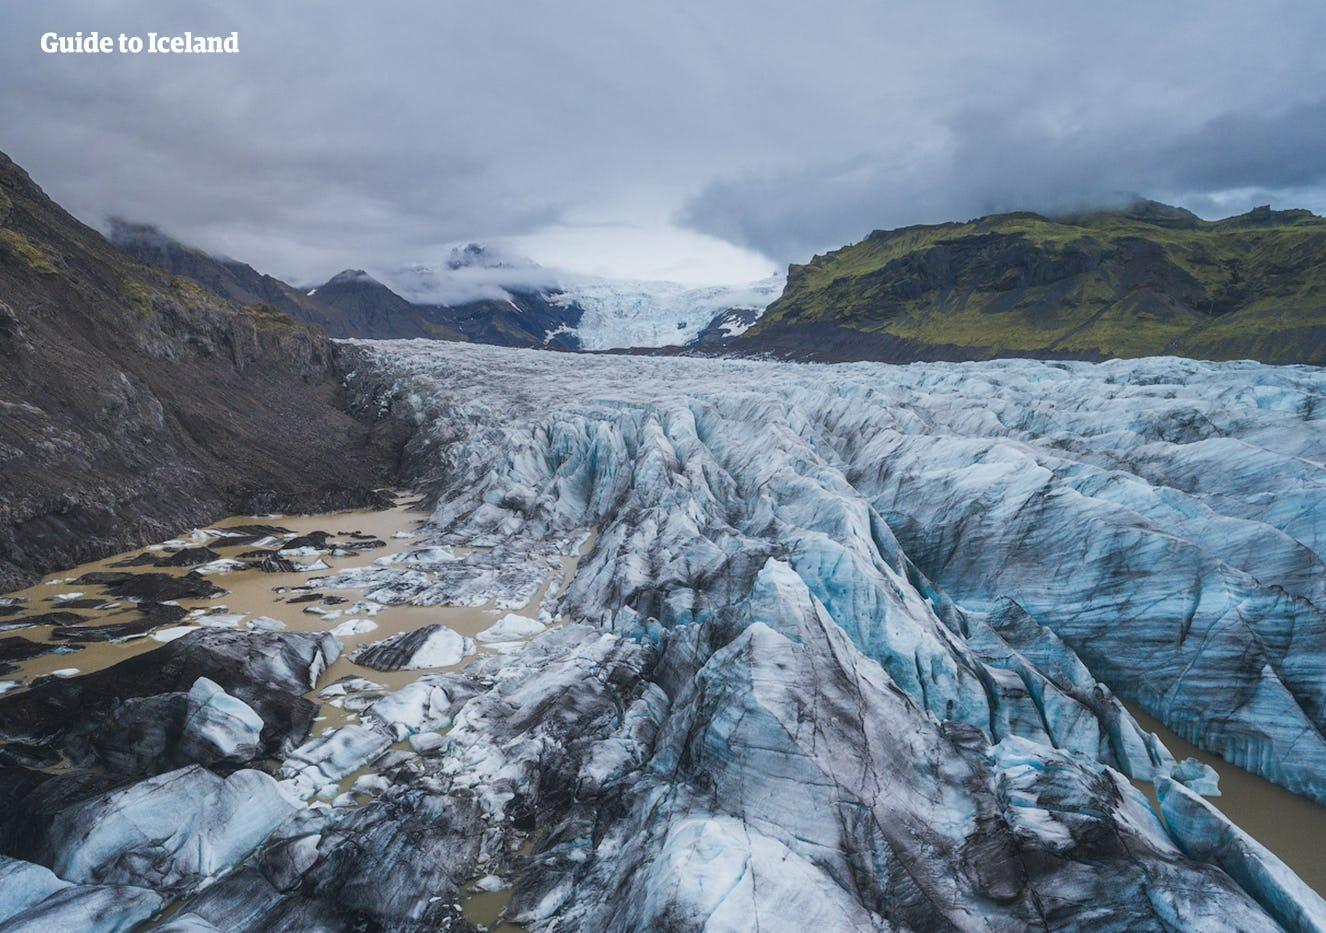 Природный заповедник Скафтафетль в южной Исландии знаменит своими ледниками, такими  как Свинафедльсйокюдль (на фото), и водопадами, такими как Свартифосс.